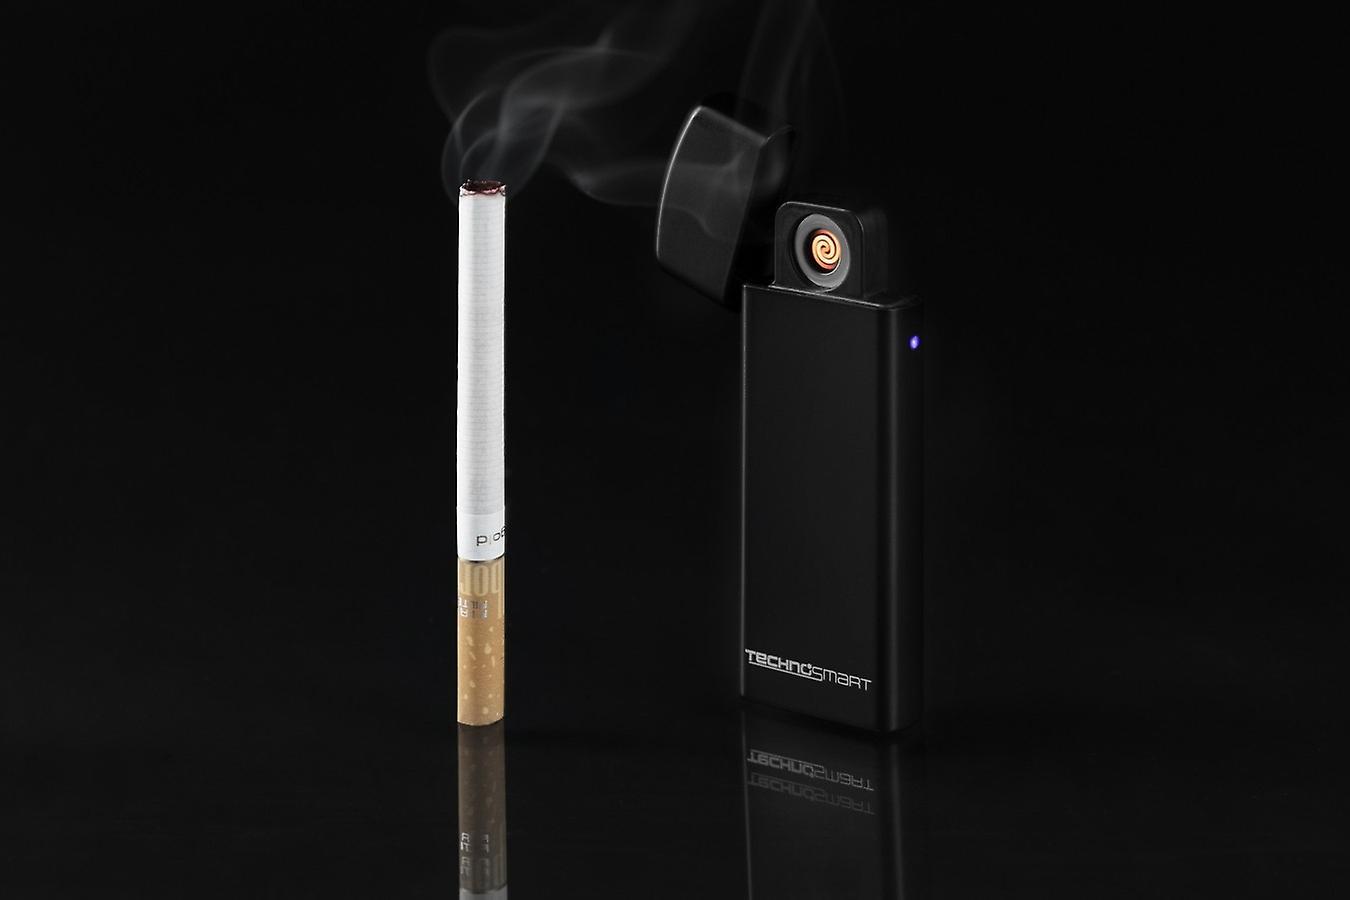 TECHNOSMART electric lighter incandescent spiral, cigarette lighter without fire, USB rechargeable with battery indicator, cigarette lighter without gas windproof, black matt